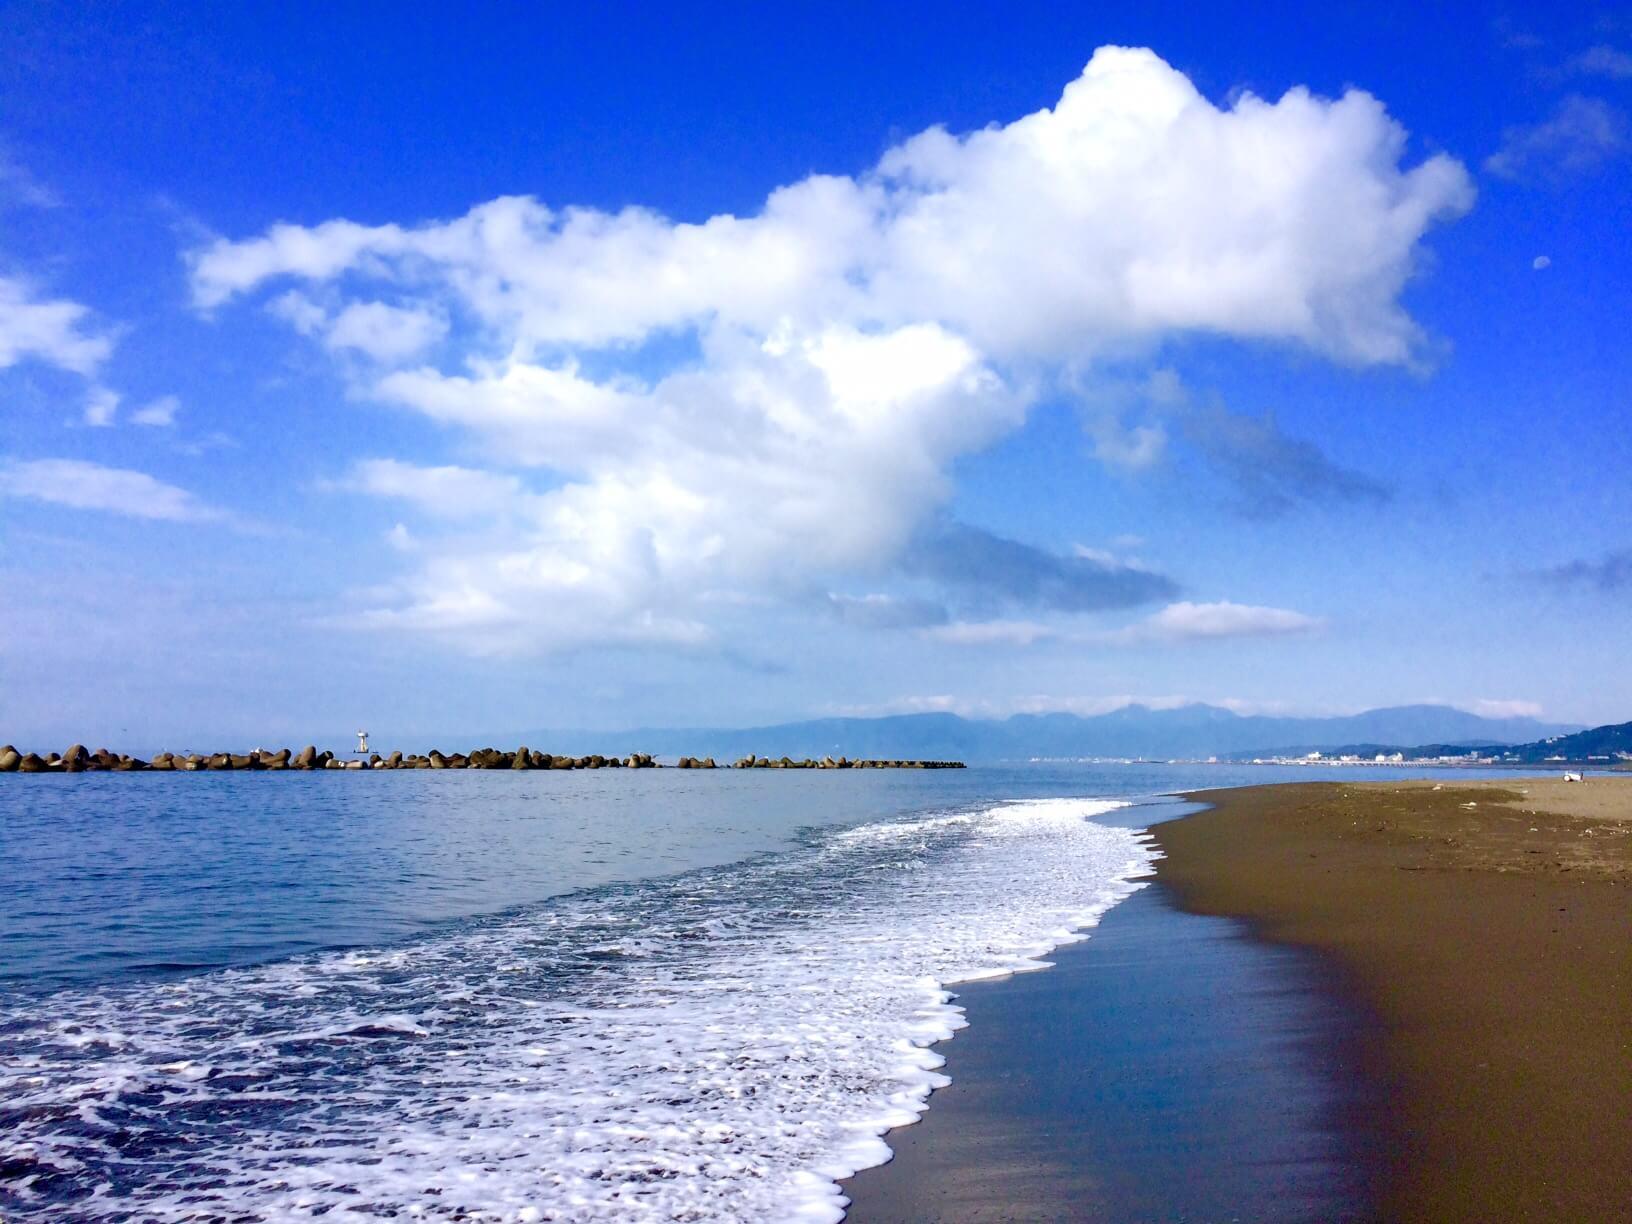 ビーチパークの日曜日の朝の海2